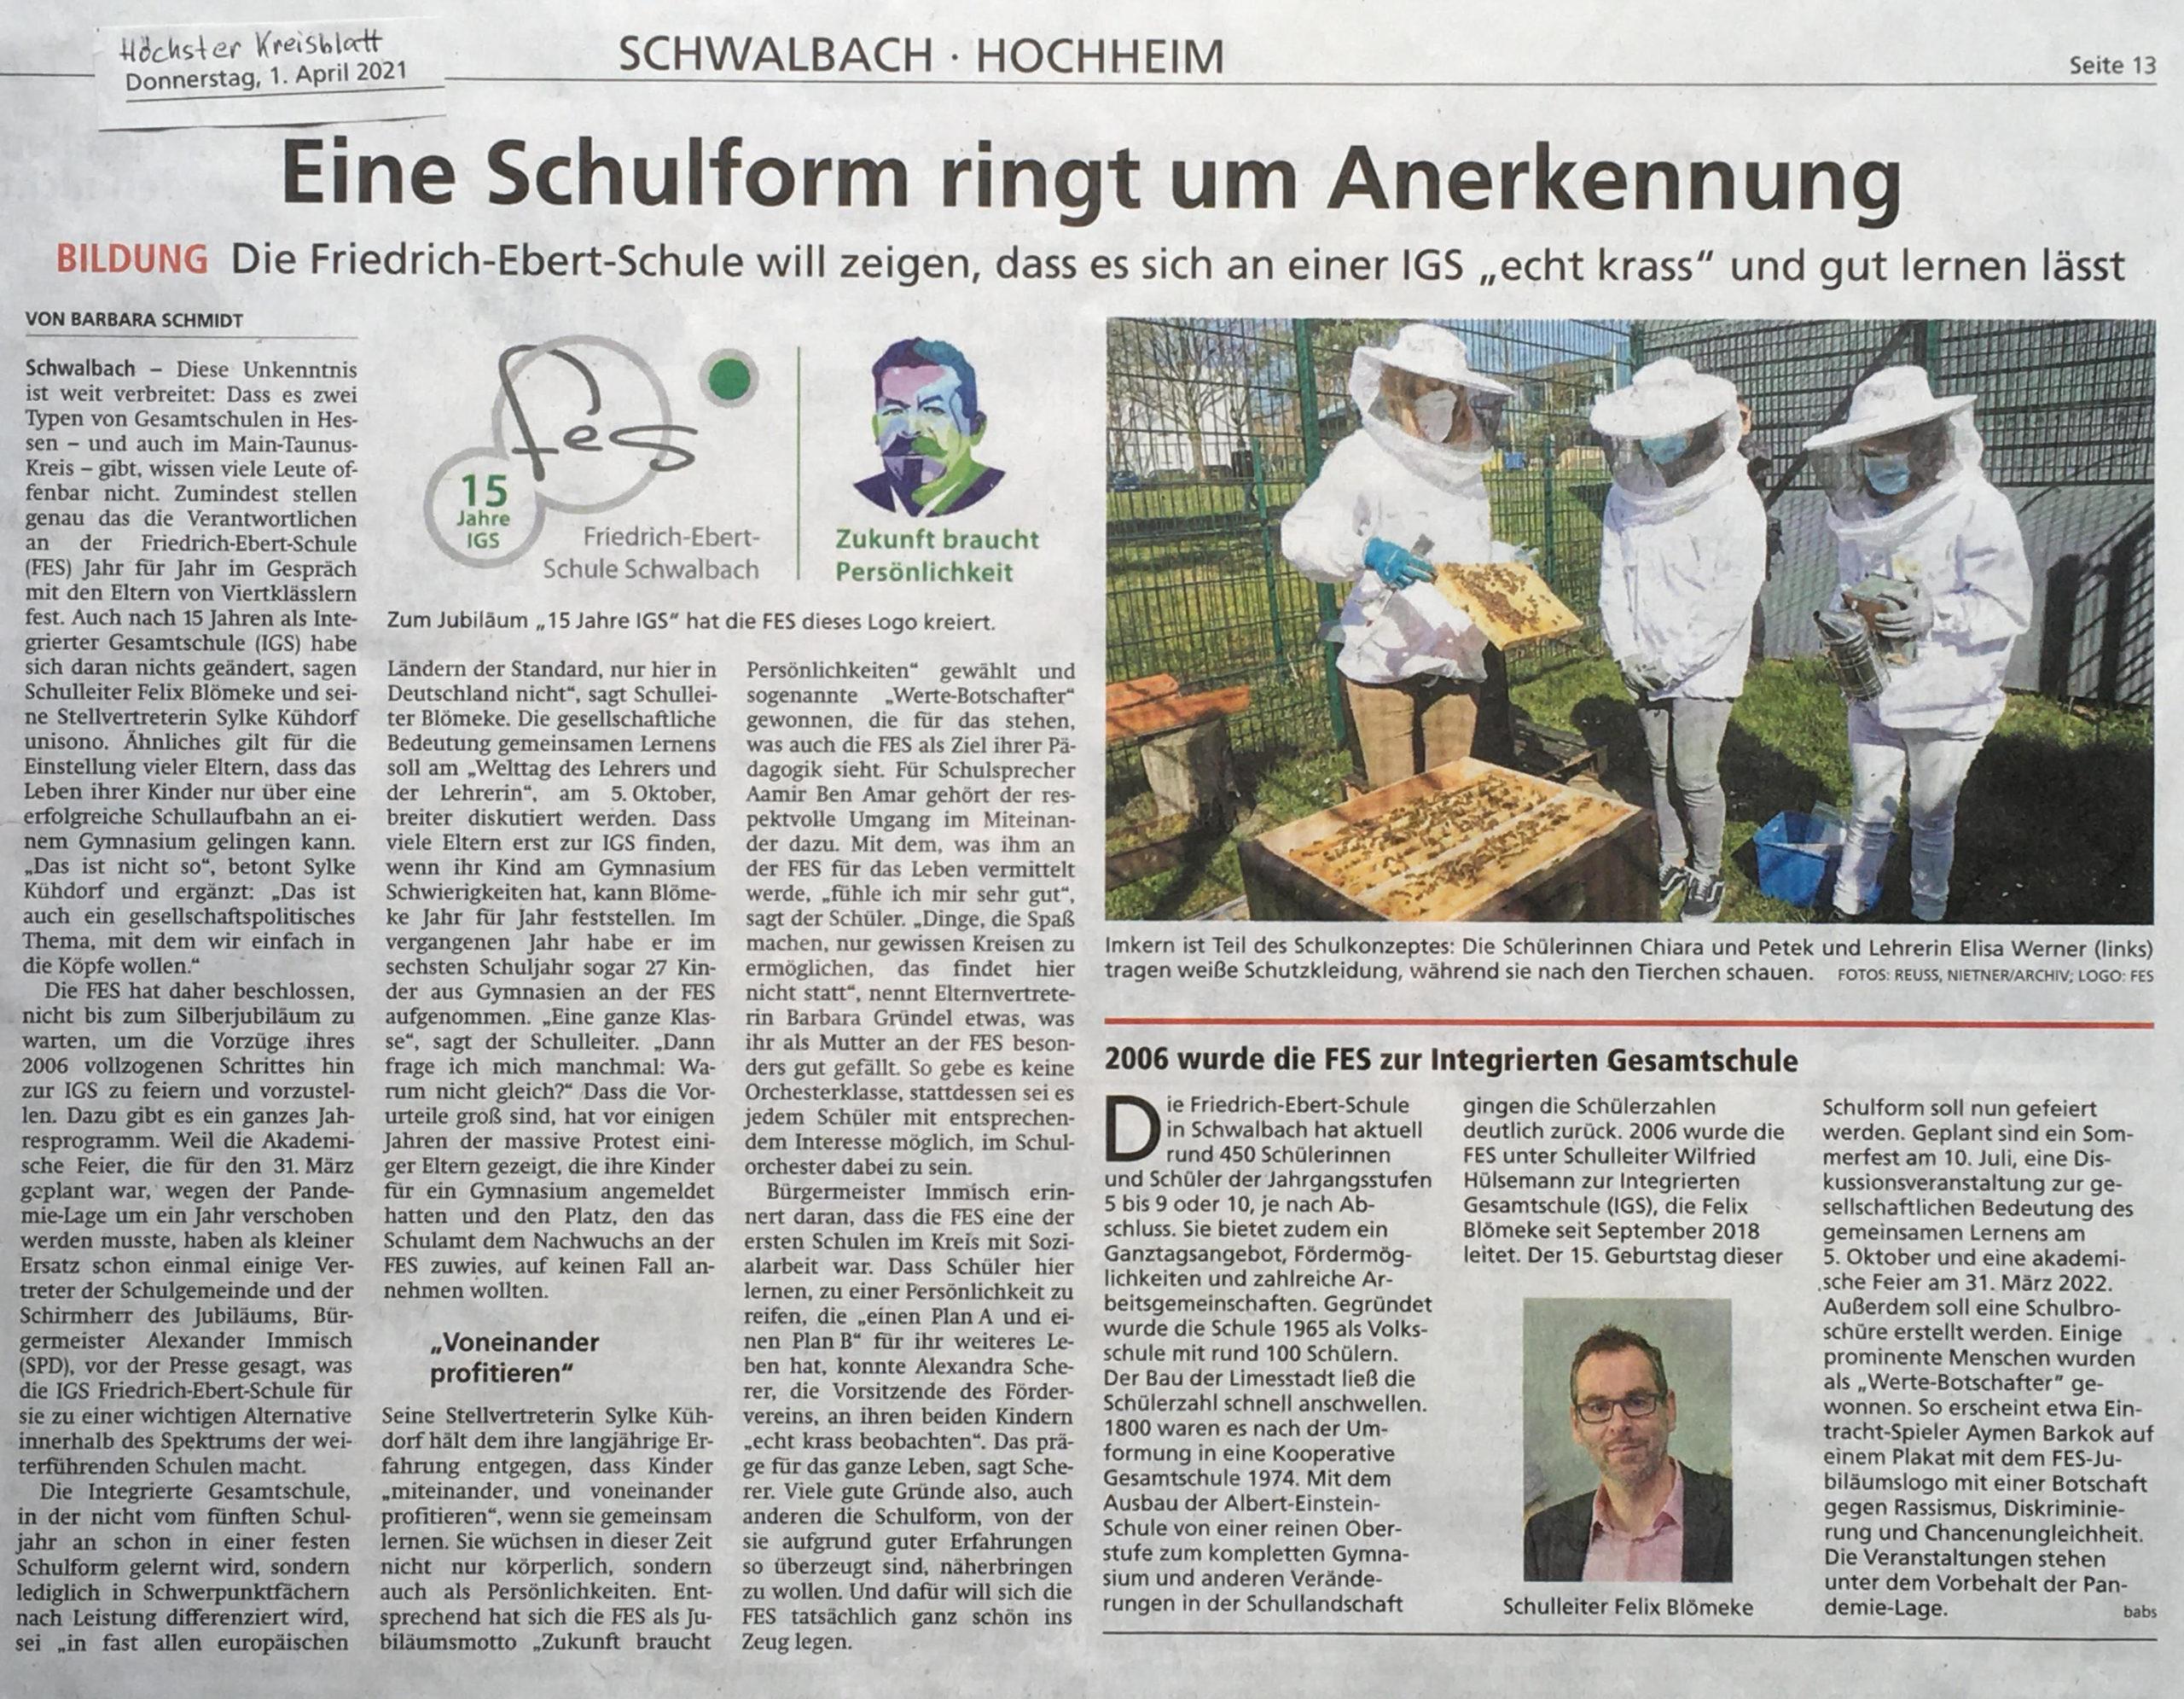 Zeitungsartikel des Höchster Kreisblattes vom 01. April 2021